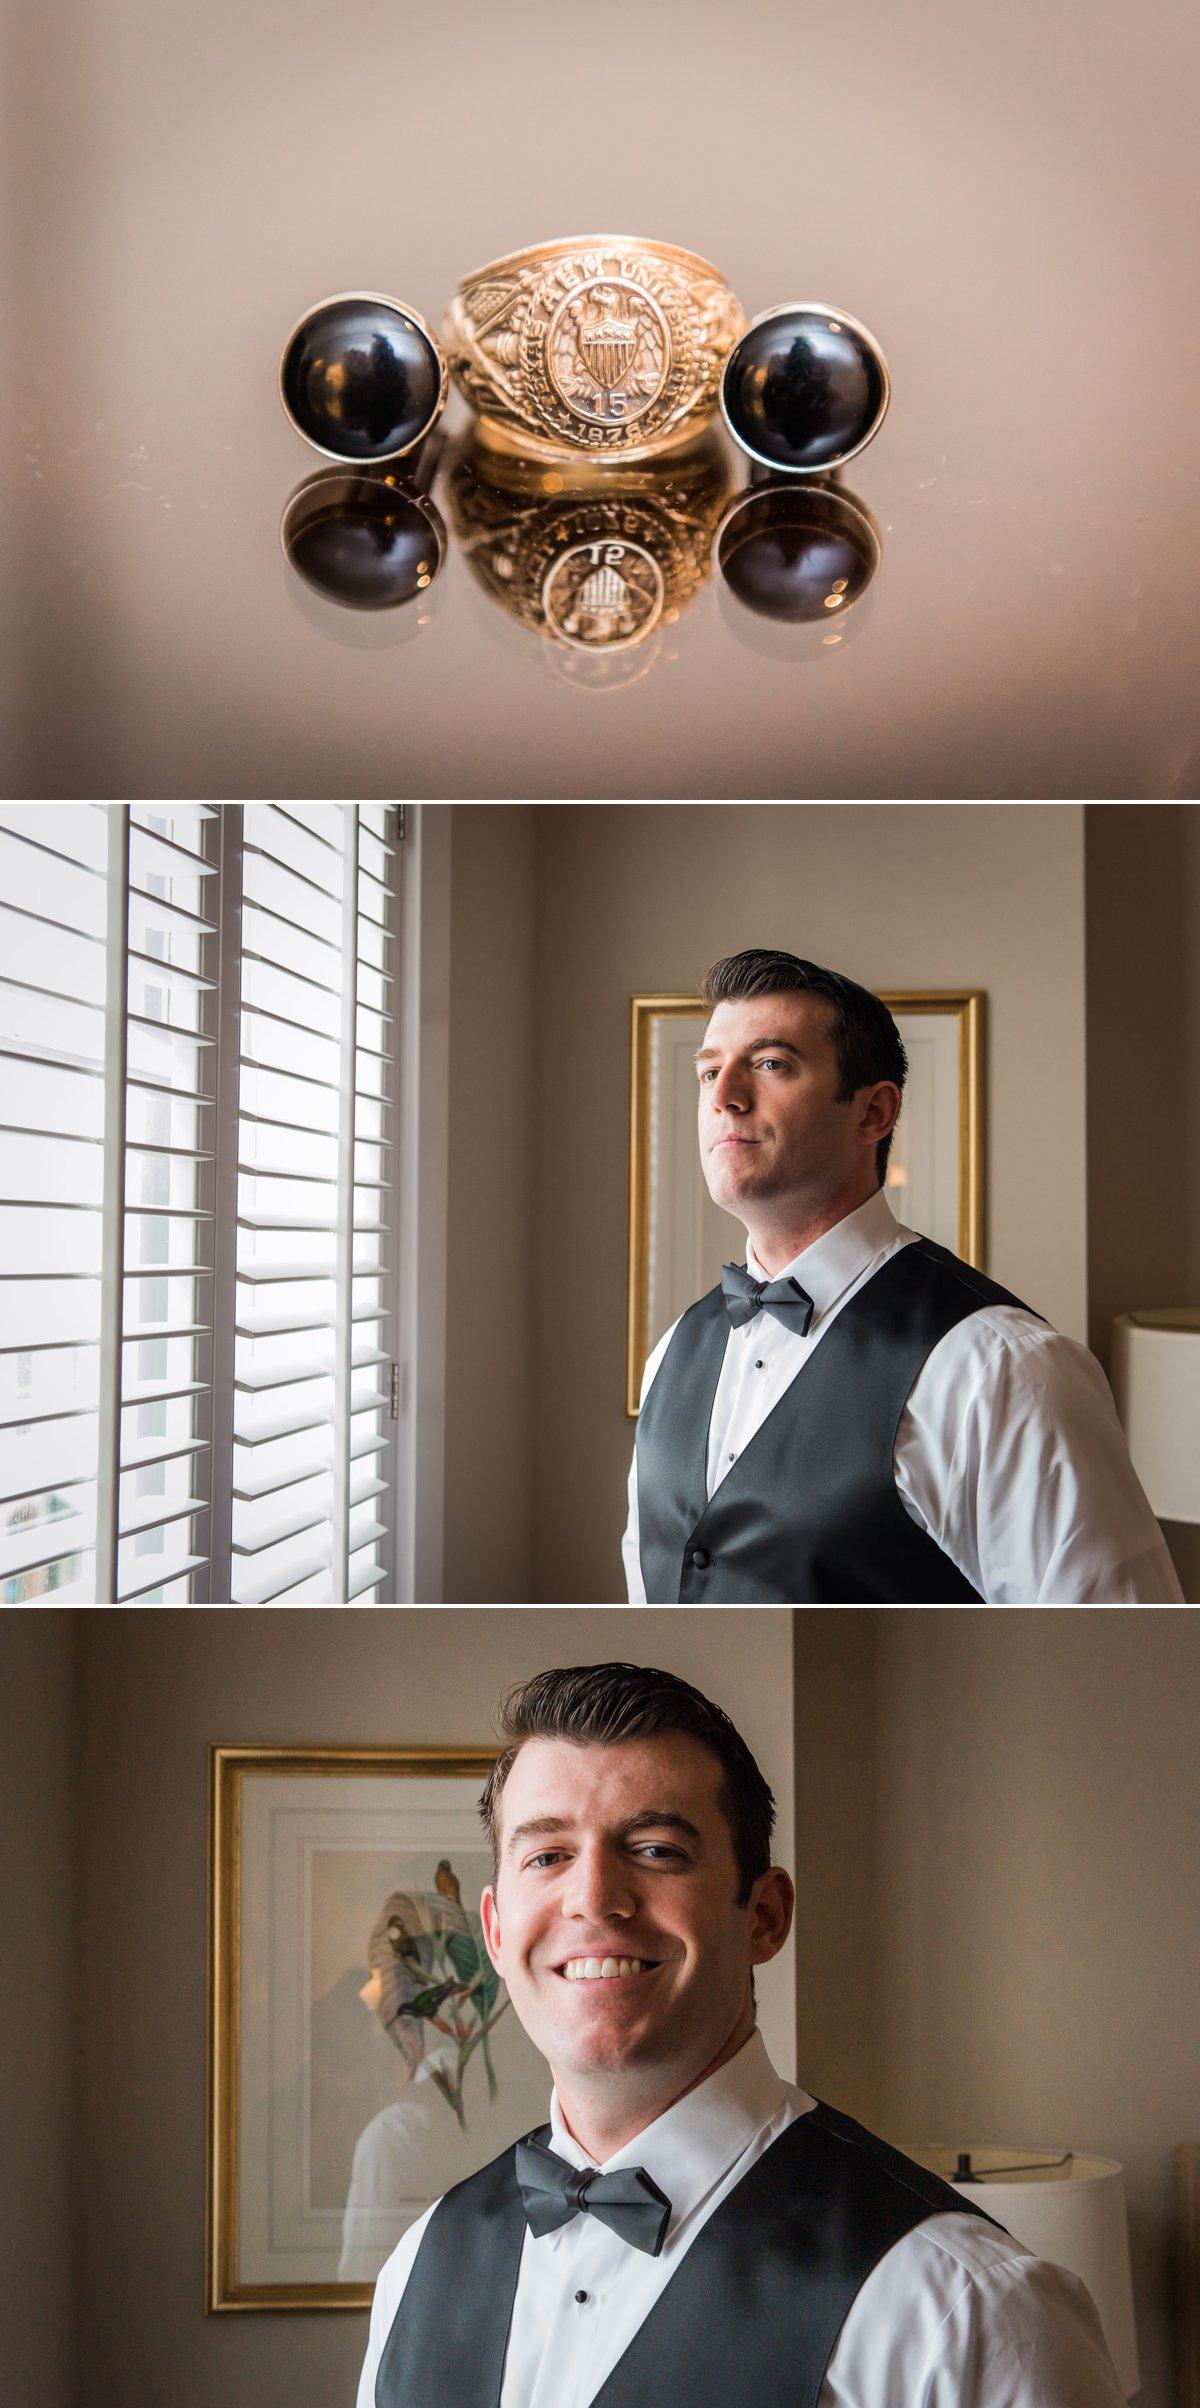 Lauren & Bryan Wedding Photos at Tremont House